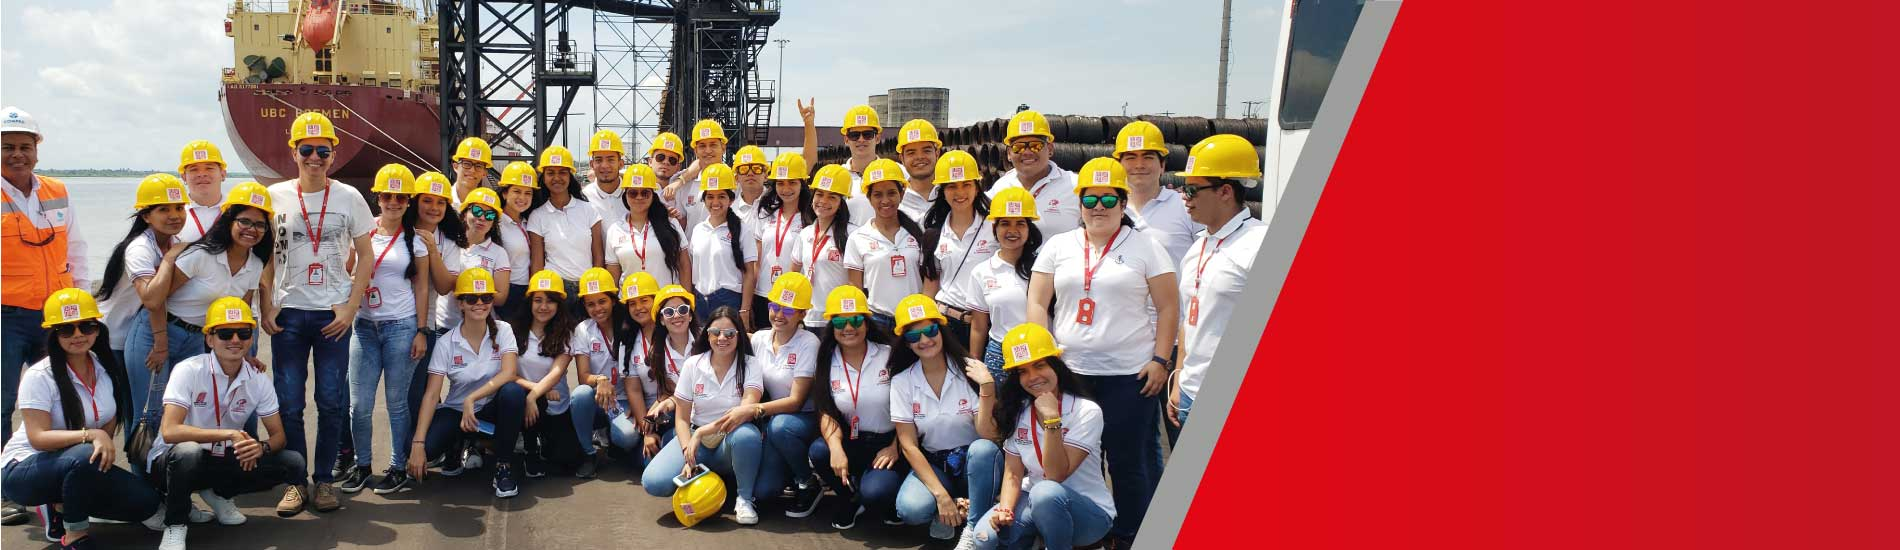 82 estudiantes de Comercio Internacional conocieron operaciones portuarias de empresas de la Costa Atlántica